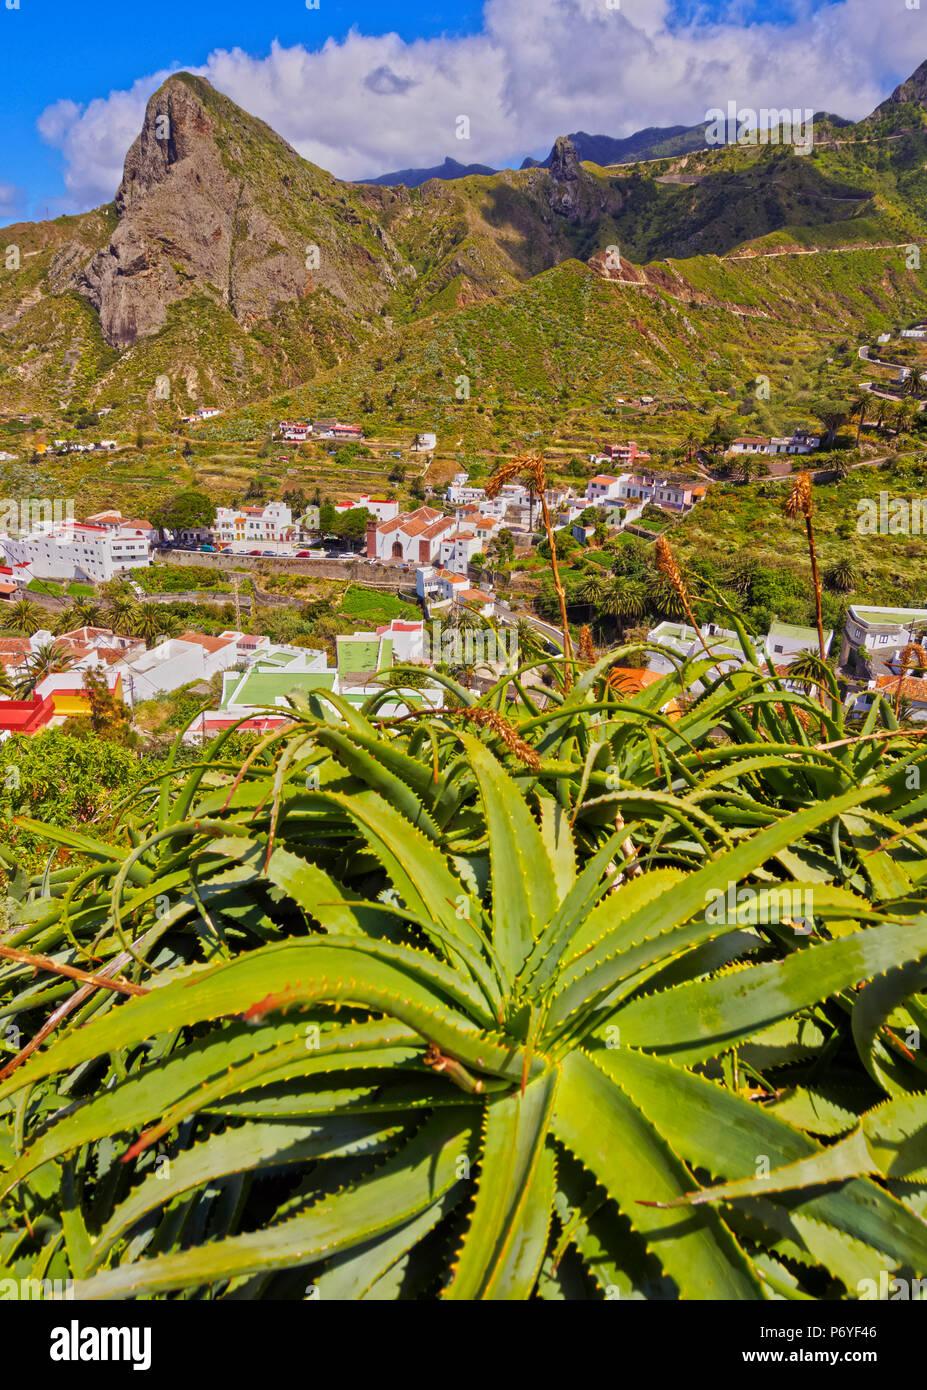 Spanien, Kanarische Inseln, Teneriffa, Taganana, Stadtbild mit Anagagebirge im Hintergrund und Aloe Pflanze im Vordergrund.Stockfoto